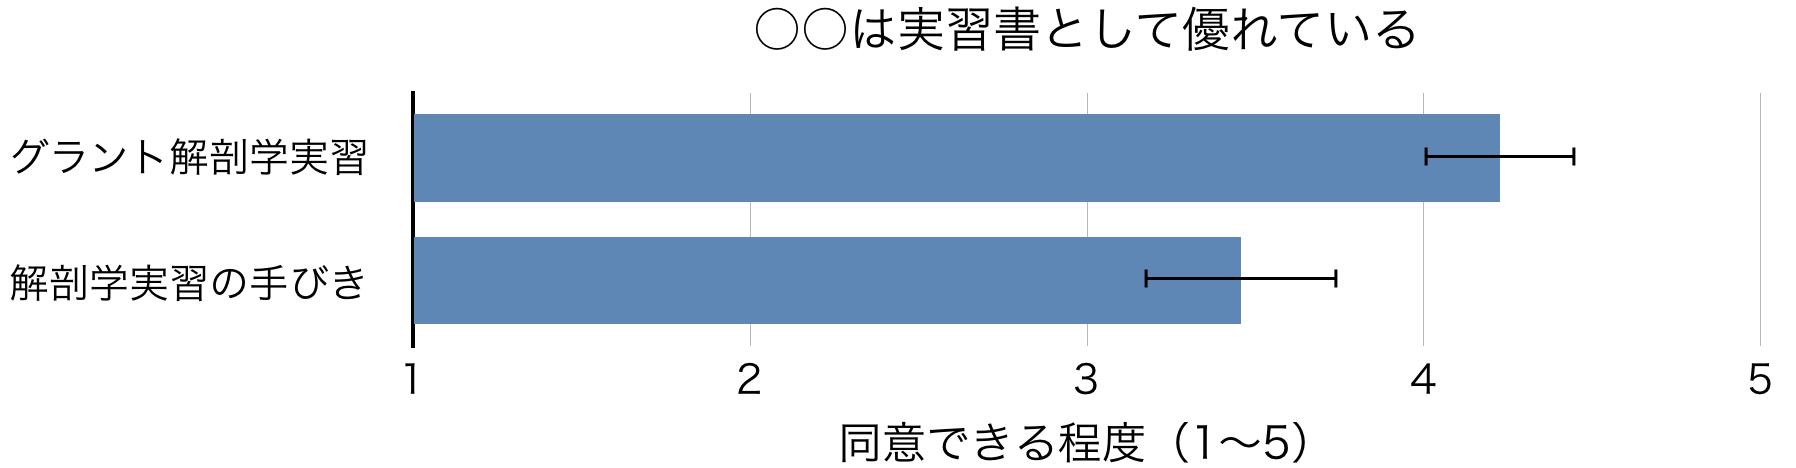 スクリーンショット 2015-01-05 13.23.16